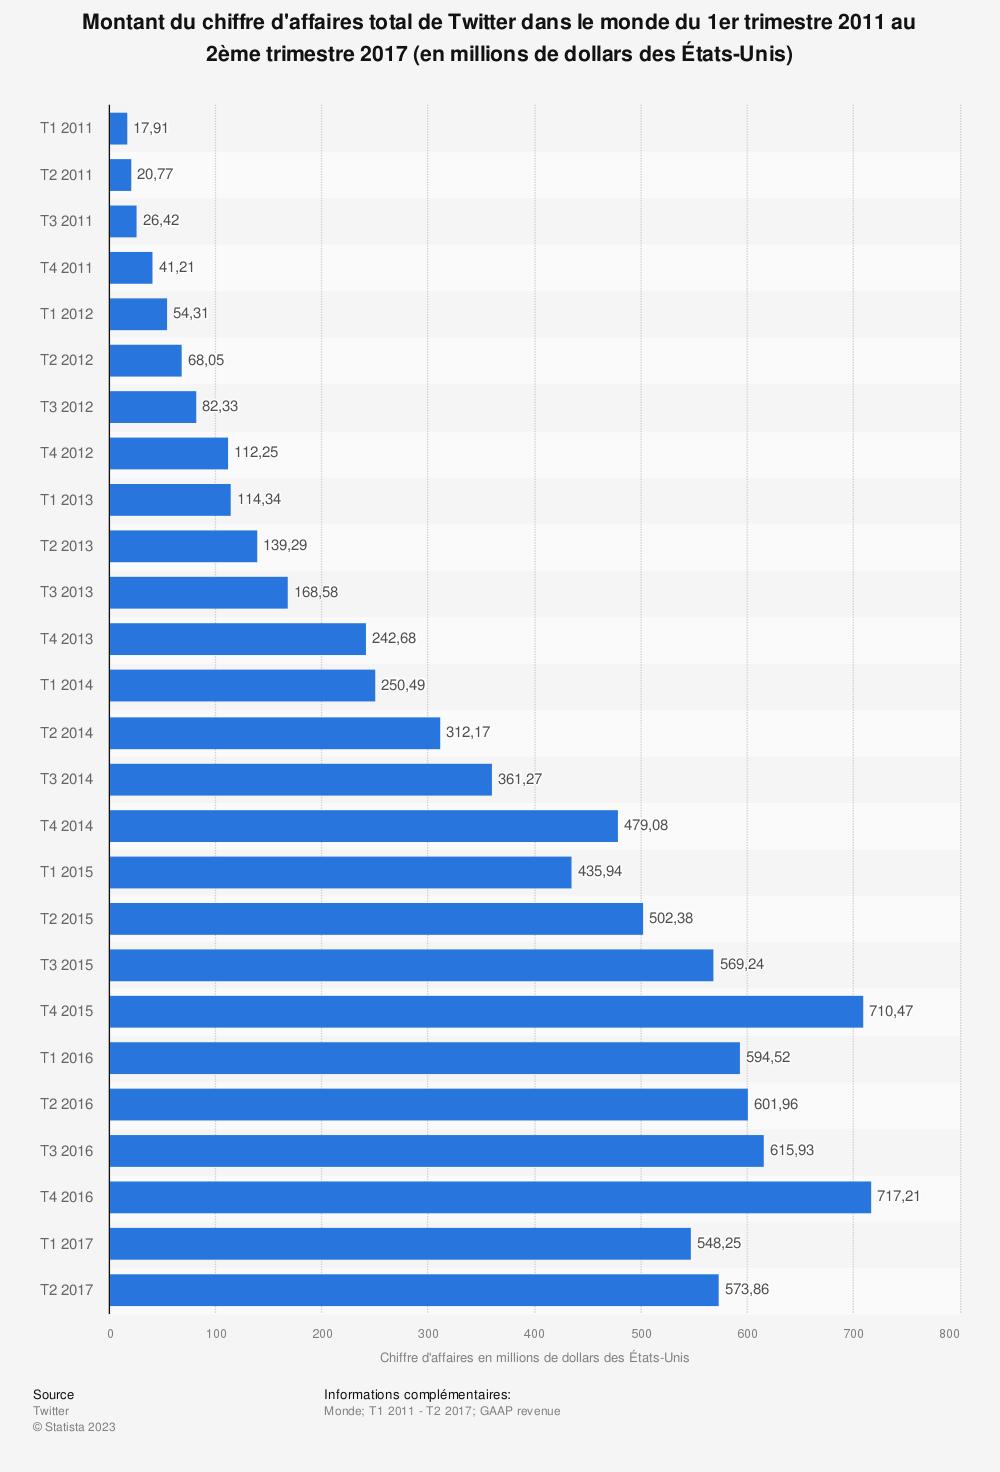 Statistique: Montant du chiffre d'affaires total de Twitter dans le monde du 1er trimestre 2011 au 2ème trimestre 2017 (en millions de dollars des États-Unis) | Statista